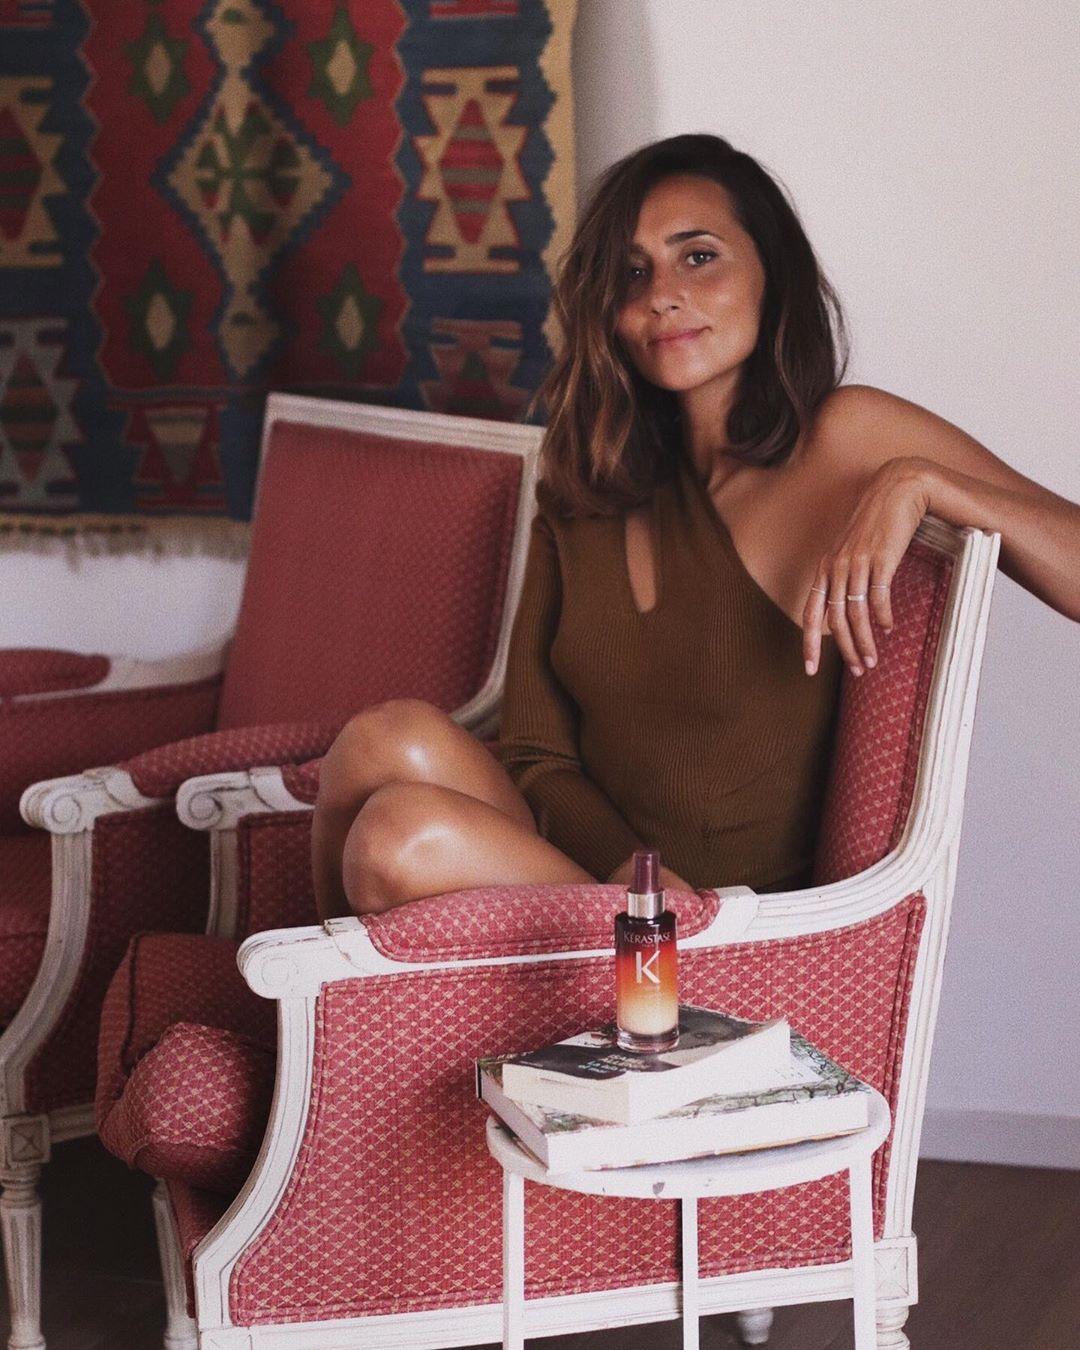 openwork dress de Zara sur coohuco